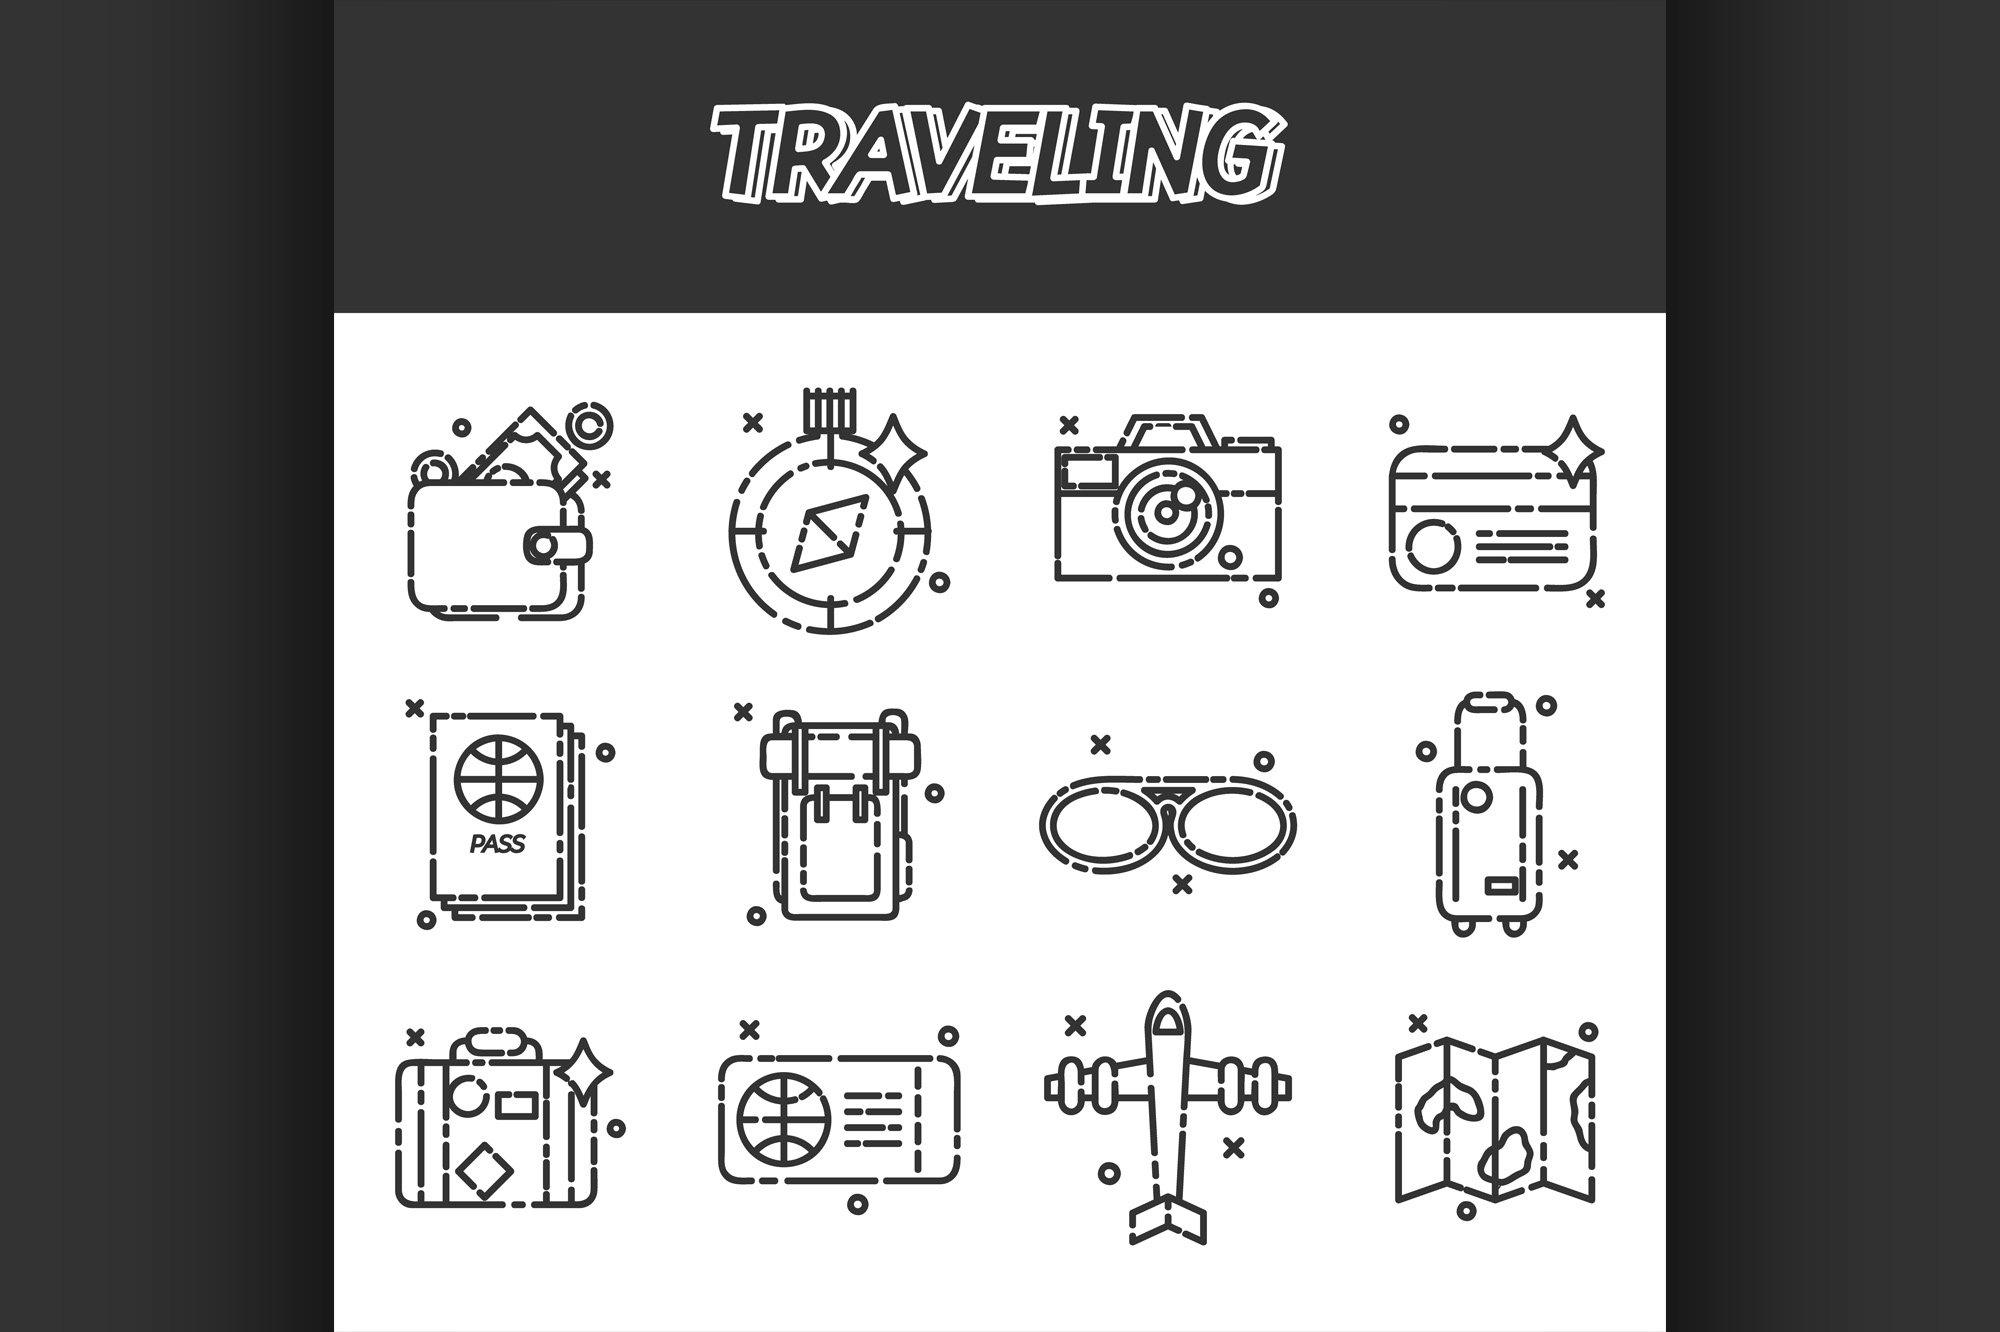 Travel Icons Set flat design example image 1